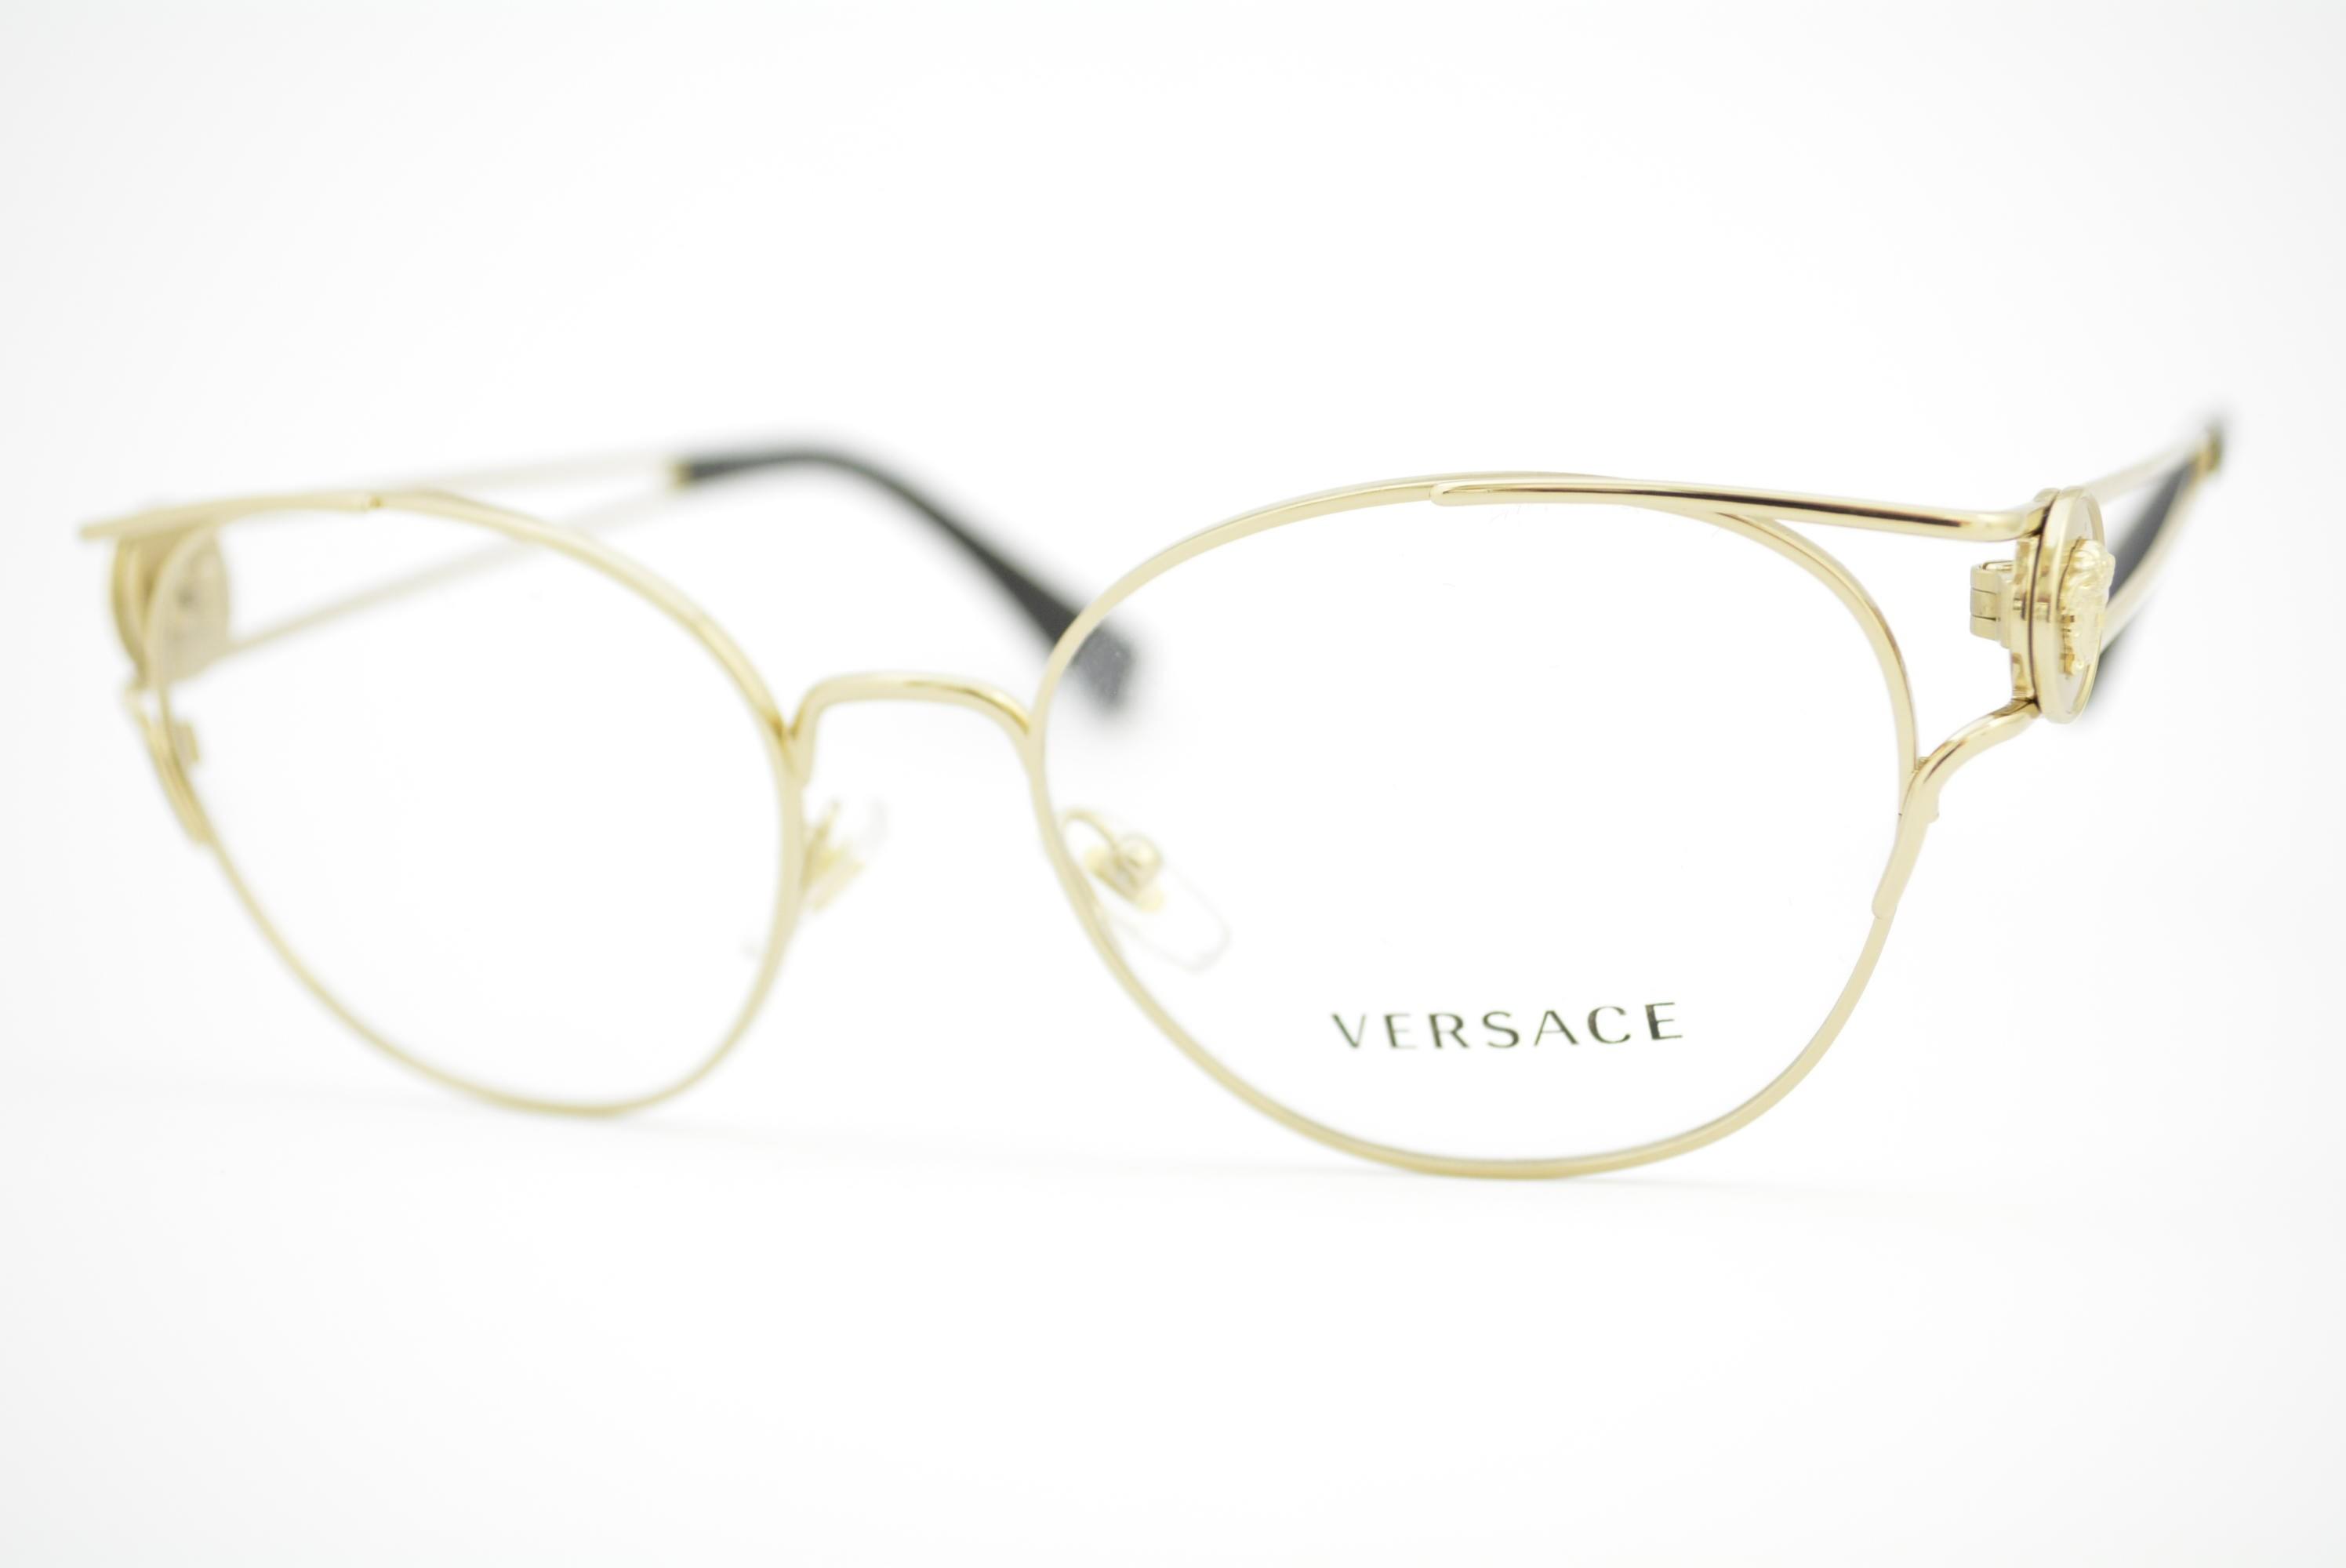 b9a385a013c04 armação de óculos Versace mod 1250 1252 Ótica Cardoso